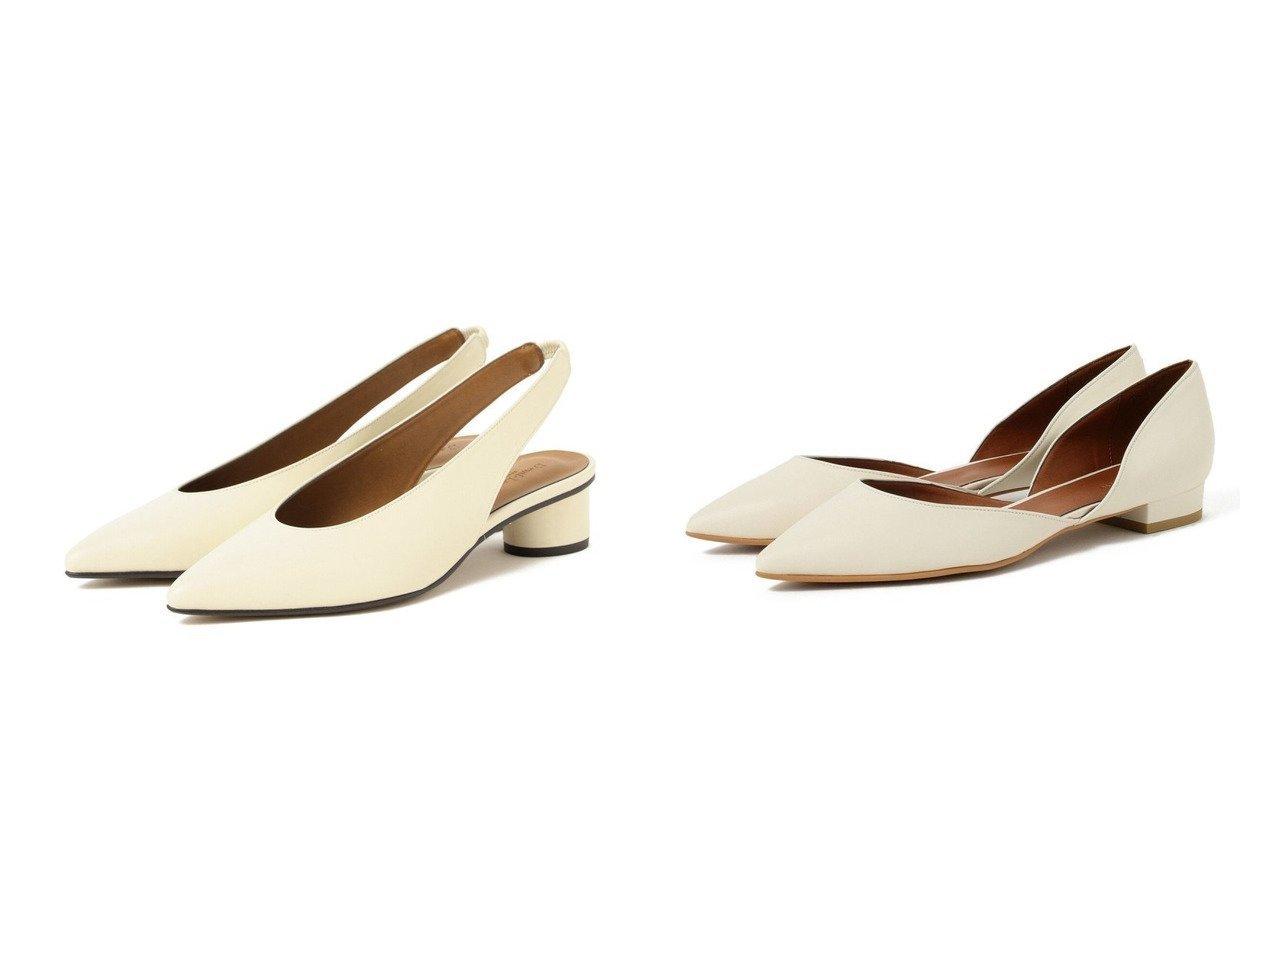 【Demi-Luxe BEAMS/デミルクス ビームス】のDemi- セパレート フラットパンプス&Demi- バックストラップ シューズ 【シューズ・靴】おすすめ!人気、トレンド・レディースファッションの通販 おすすめで人気の流行・トレンド、ファッションの通販商品 メンズファッション・キッズファッション・インテリア・家具・レディースファッション・服の通販 founy(ファニー) https://founy.com/ ファッション Fashion レディースファッション WOMEN バッグ Bag シューズ スタイリッシュ セパレート フラット ベーシック モダン バランス |ID:crp329100000030414